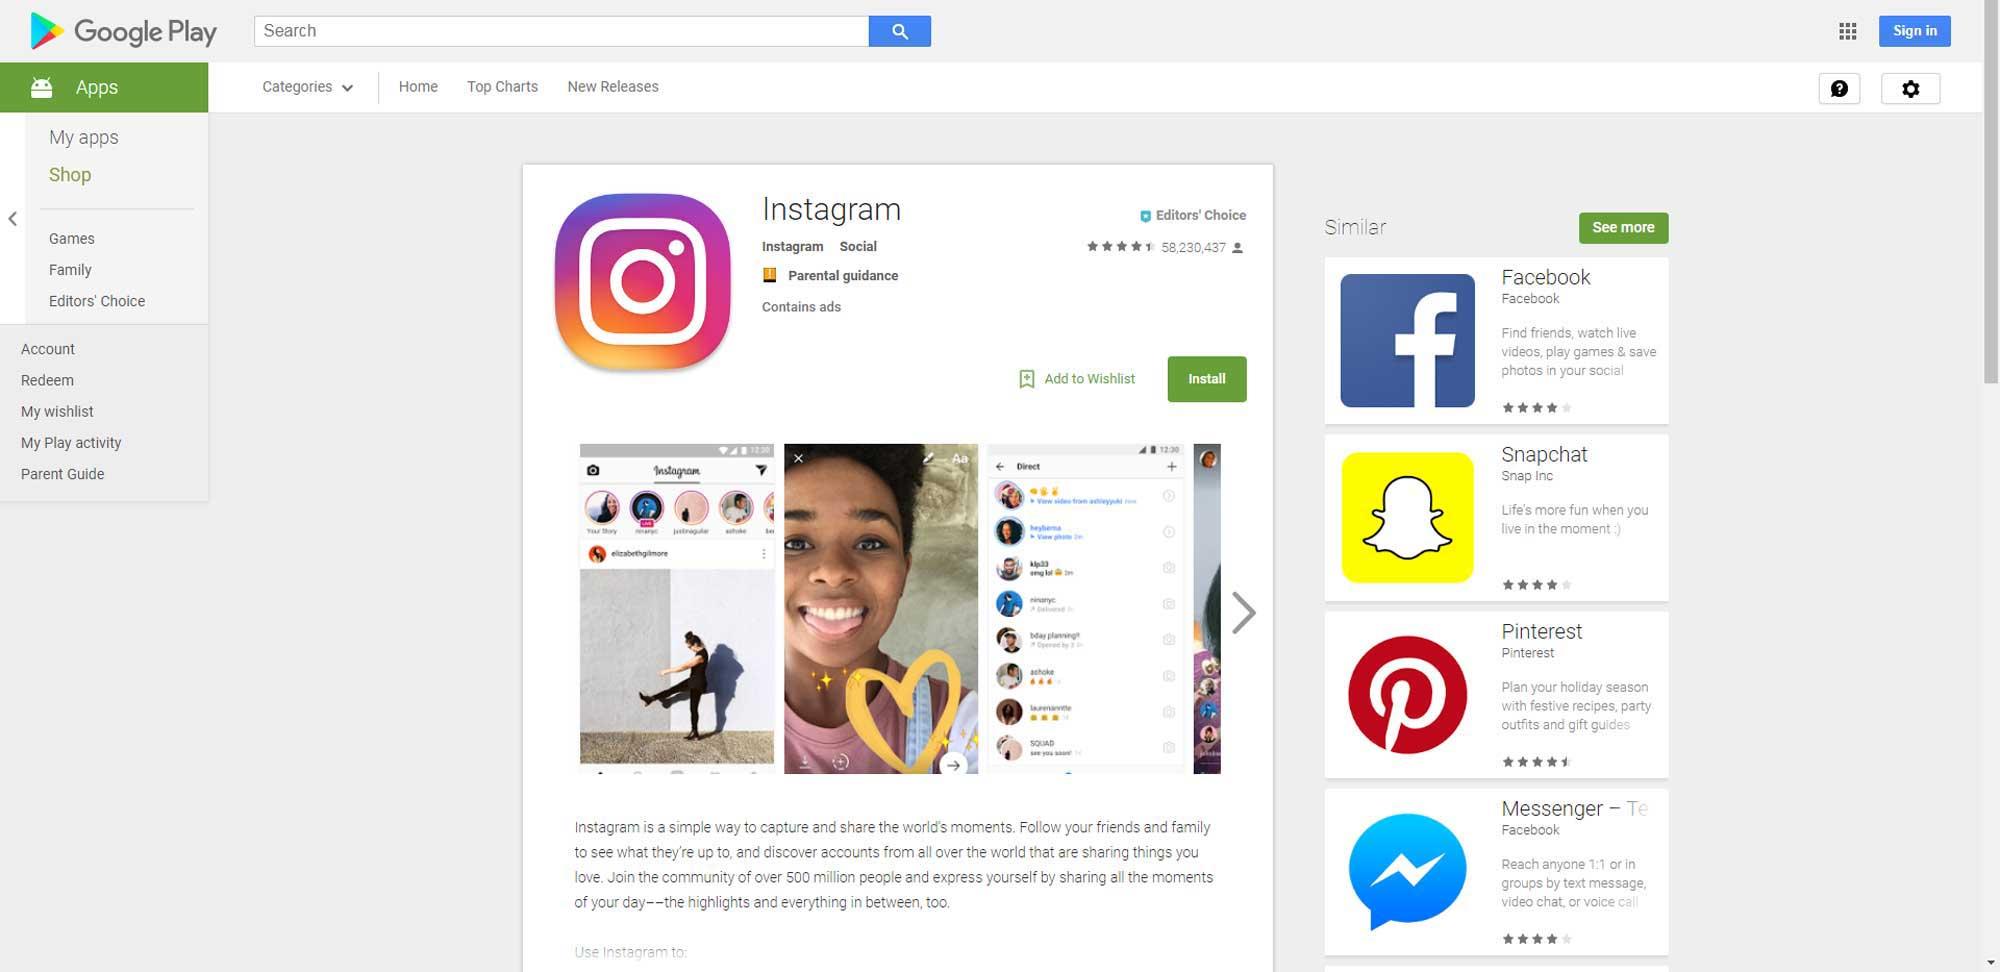 Kako koristiti Instagram za oglasavanje apartmana - instalacija GooglePlay